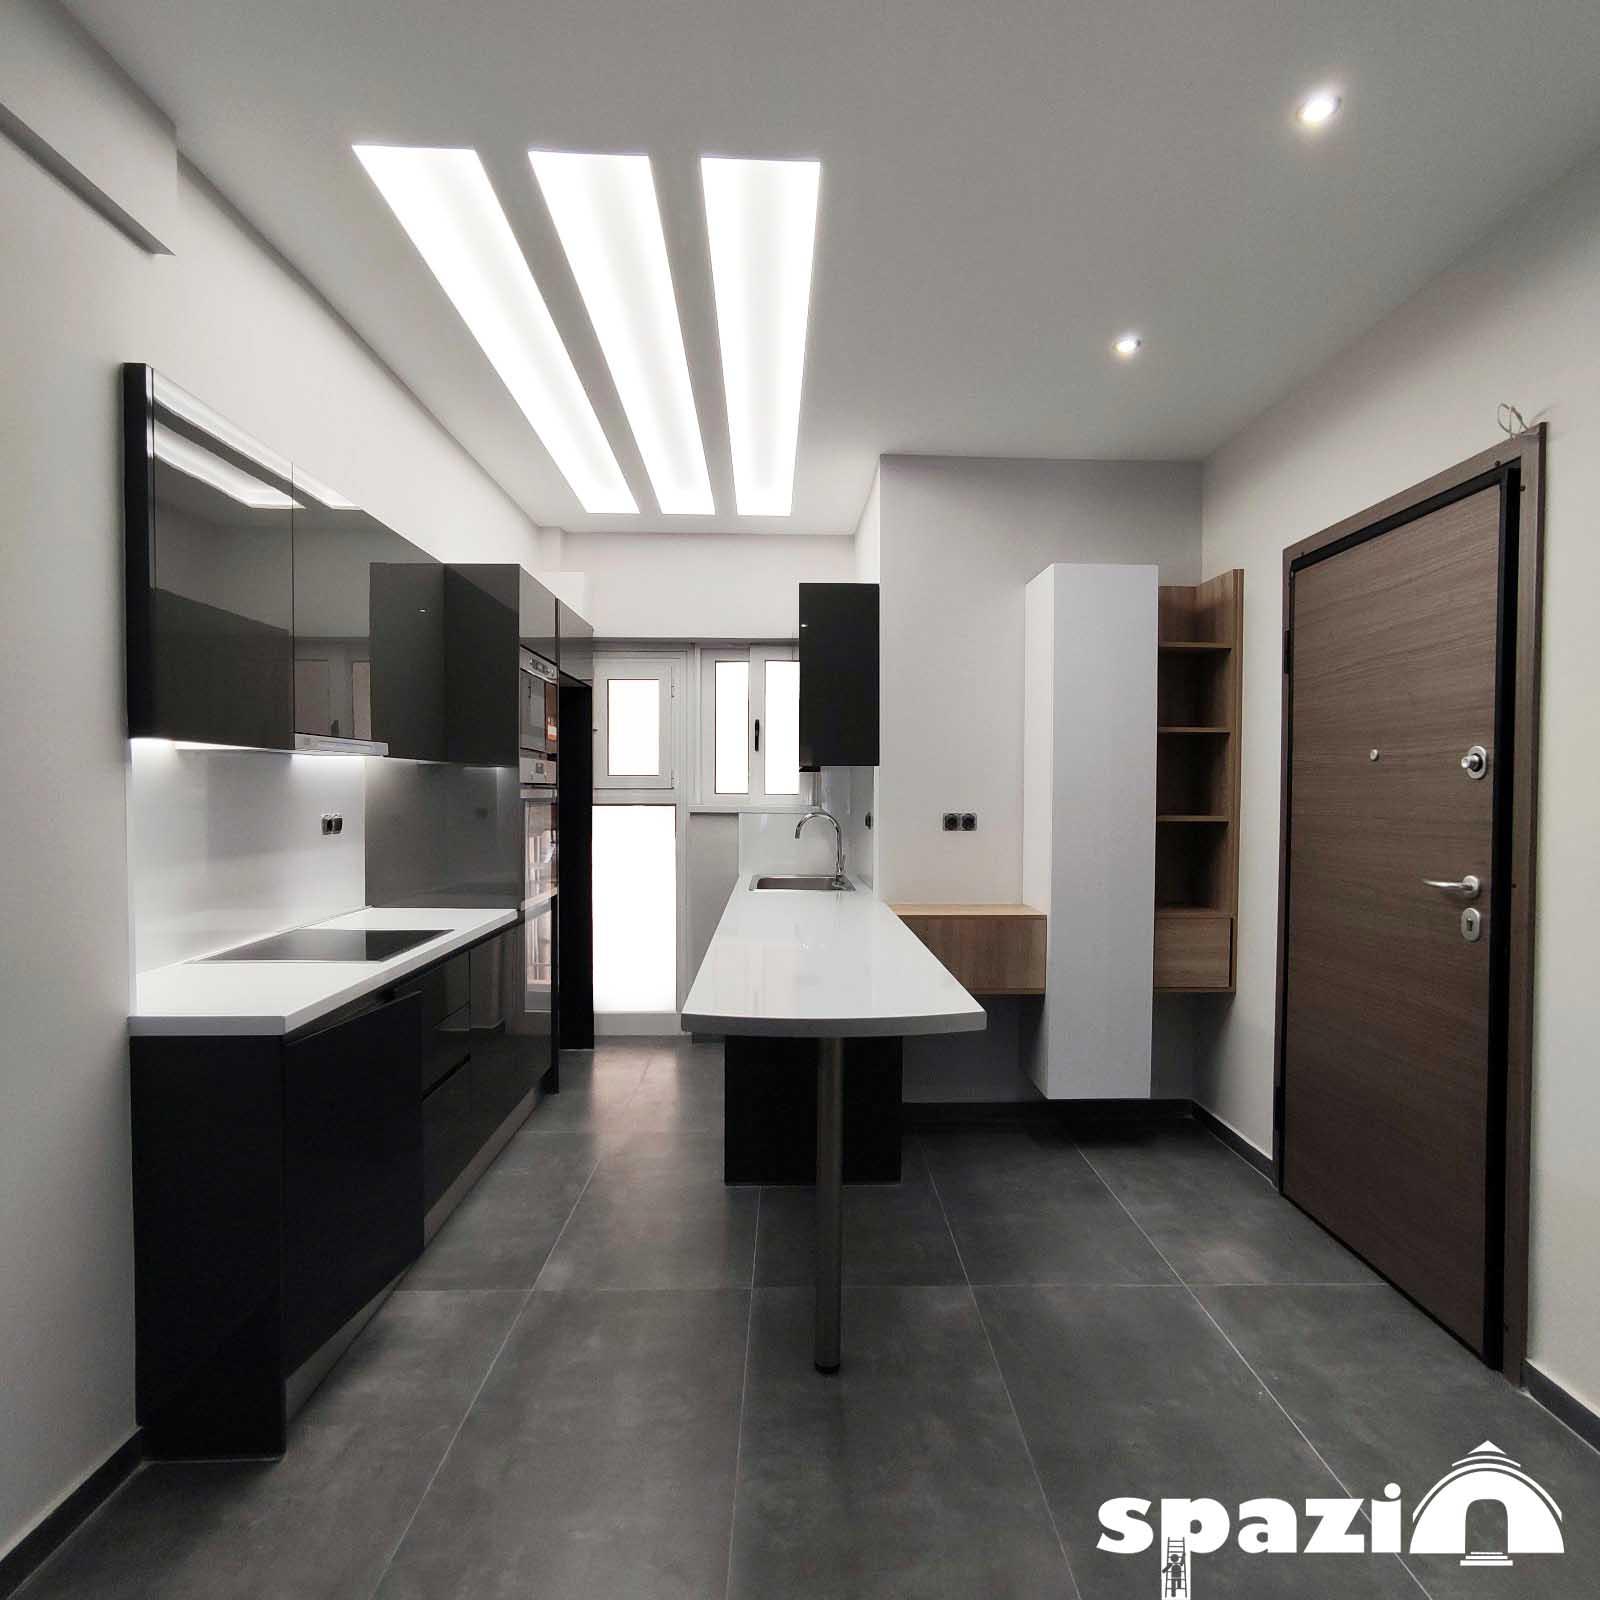 spazio_sepolia_02-2.jpg